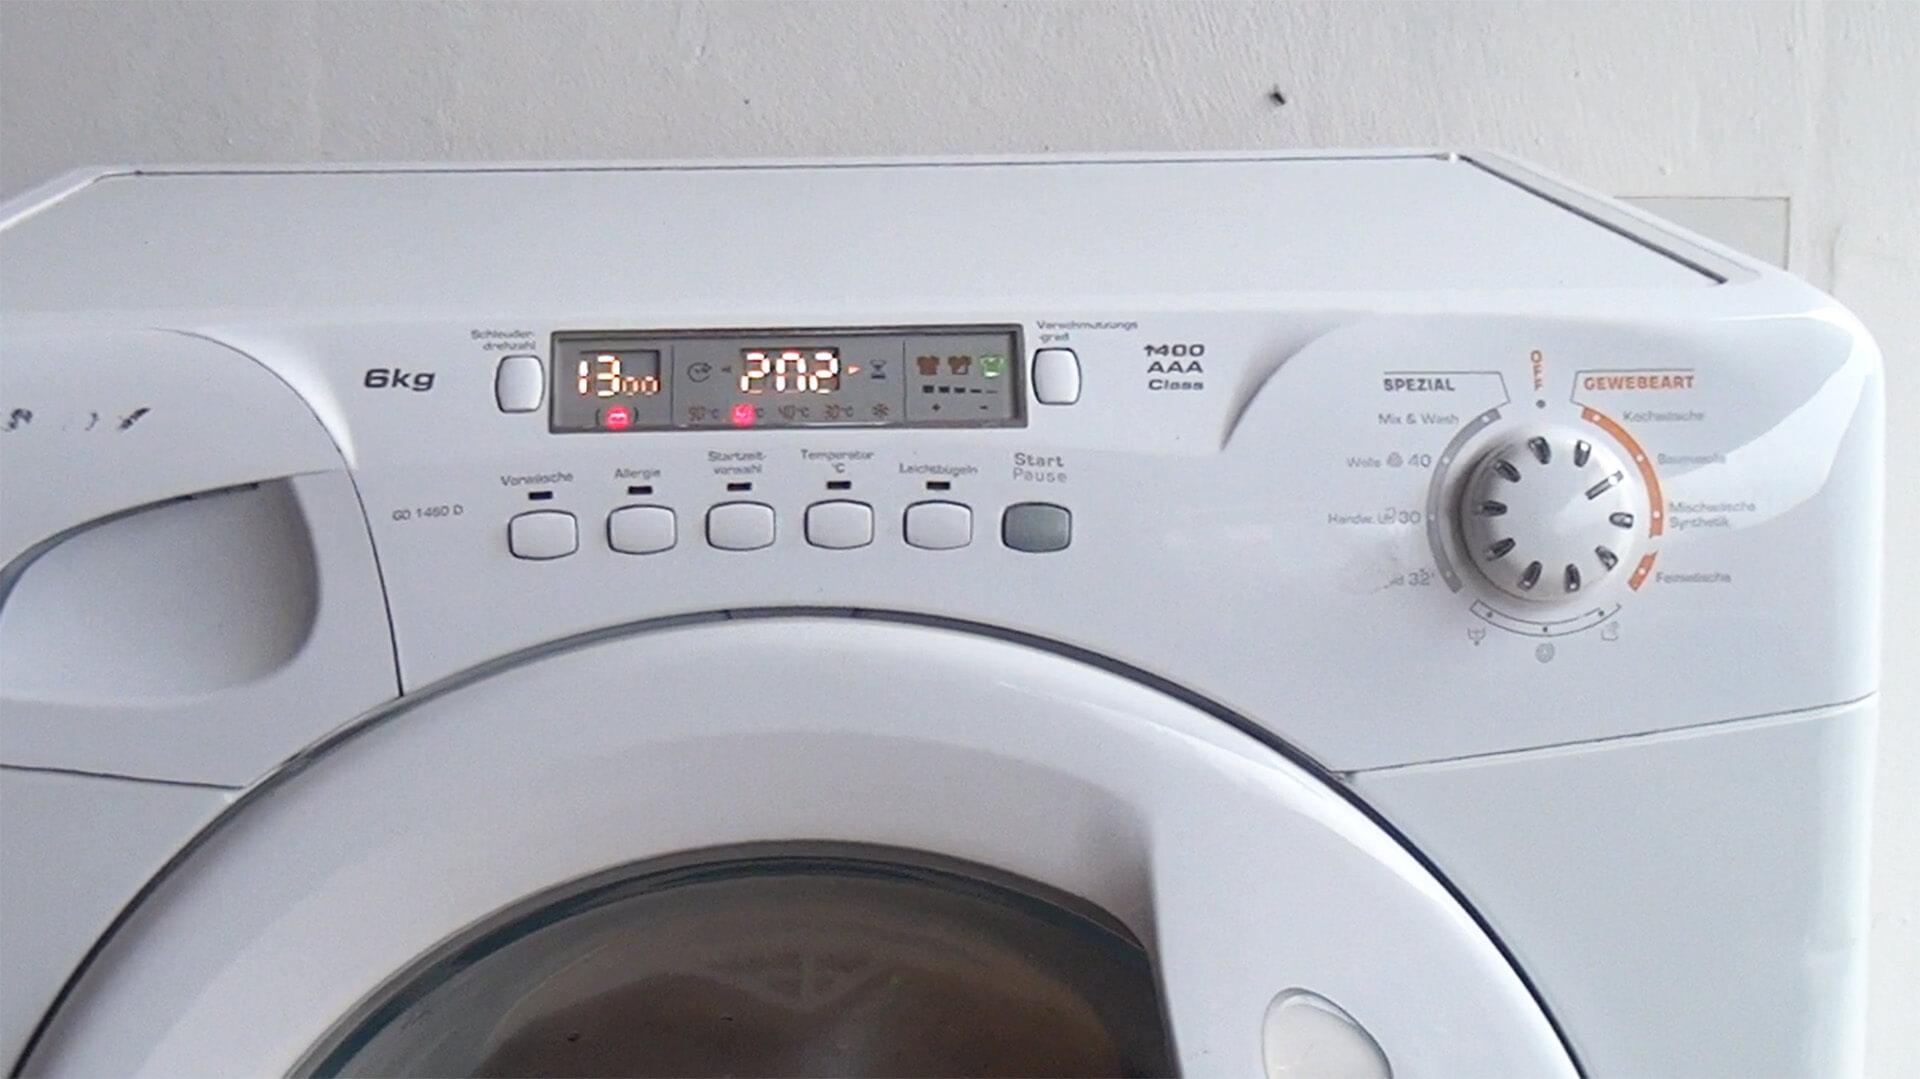 Waschmaschine - Rattert beim Schleudern